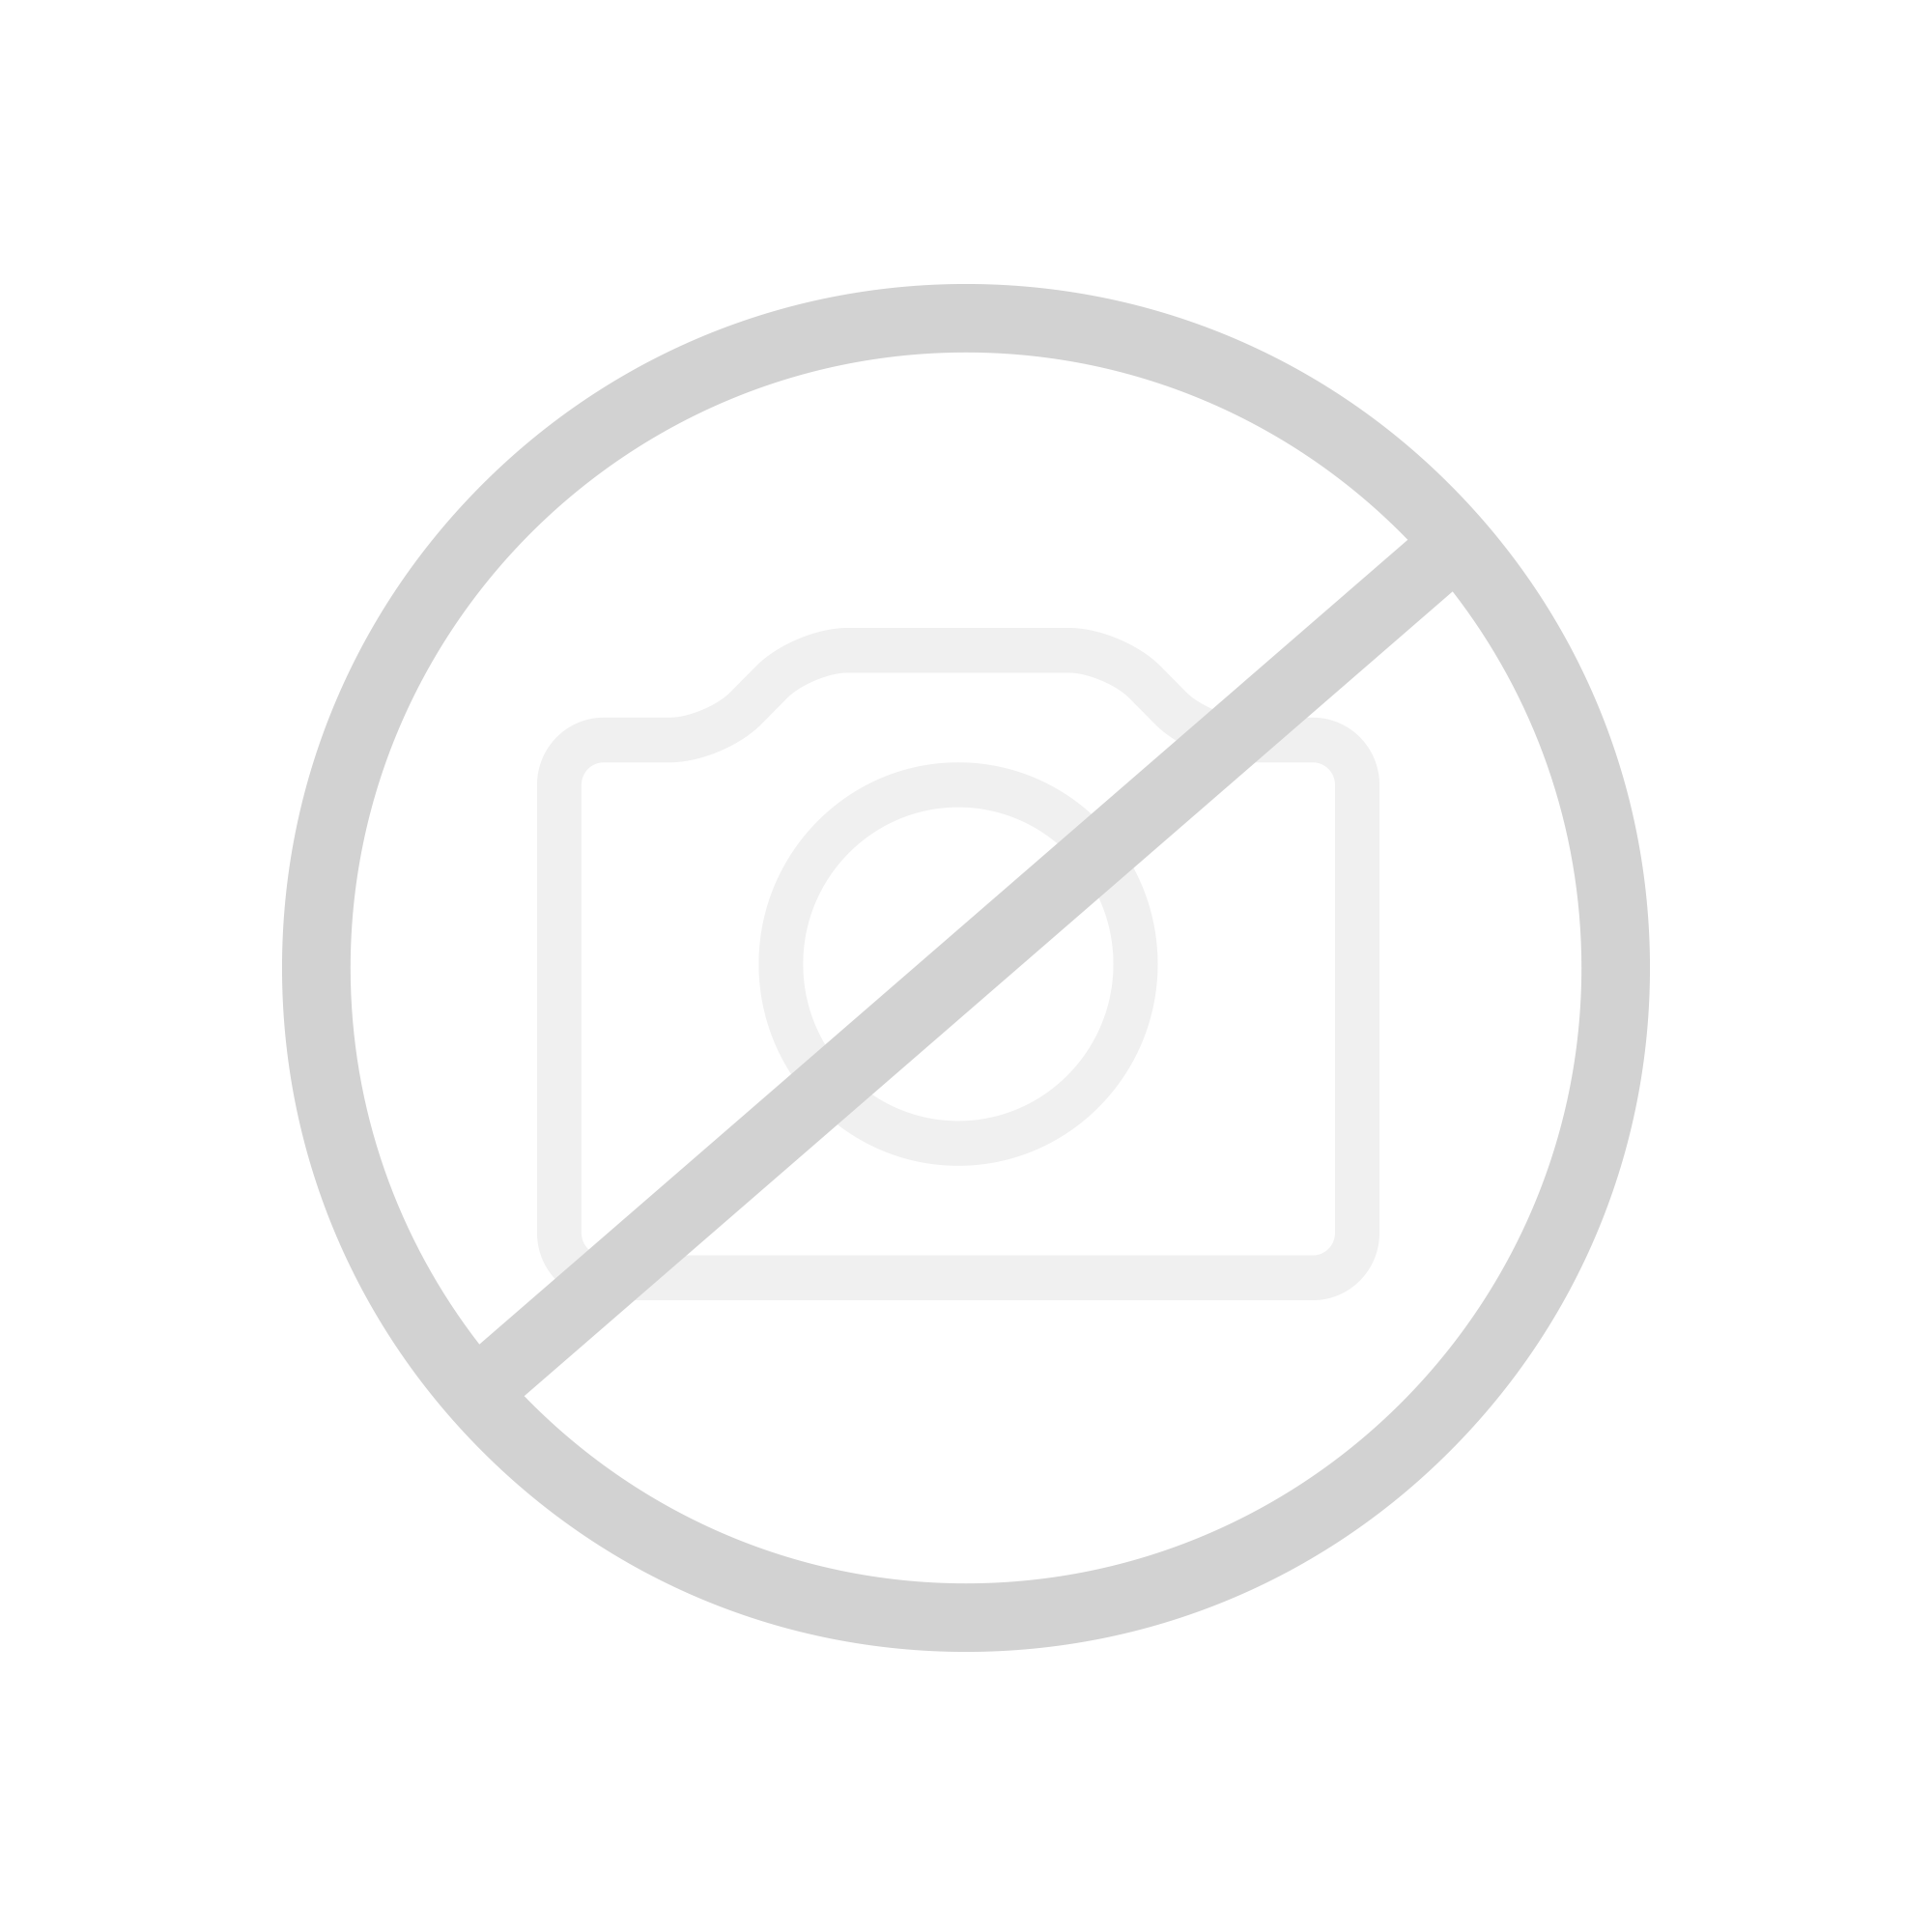 Duravit Vero Spülkasten B: 38,5 T: 16 cm für Aufsatzmontage, schwarz schwarz mit Wondergliss, für Anschluss links, rechts und Mitte